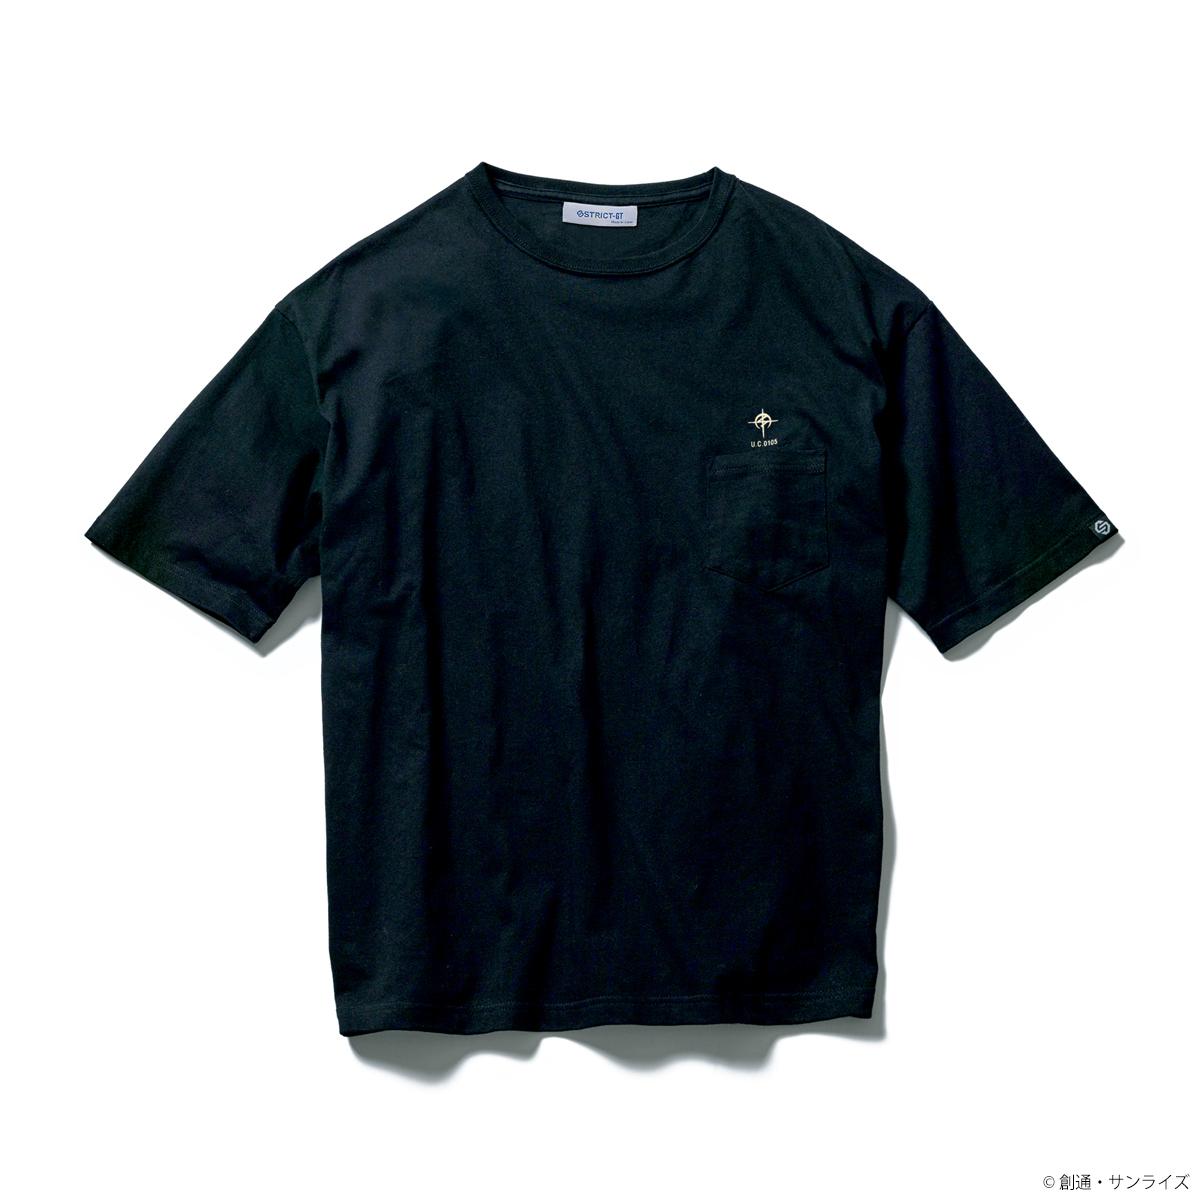 STRICT-G『機動戦士ガンダム 閃光のハサウェイ』 ポケット付きビッグTシャツ ティザービジュアル